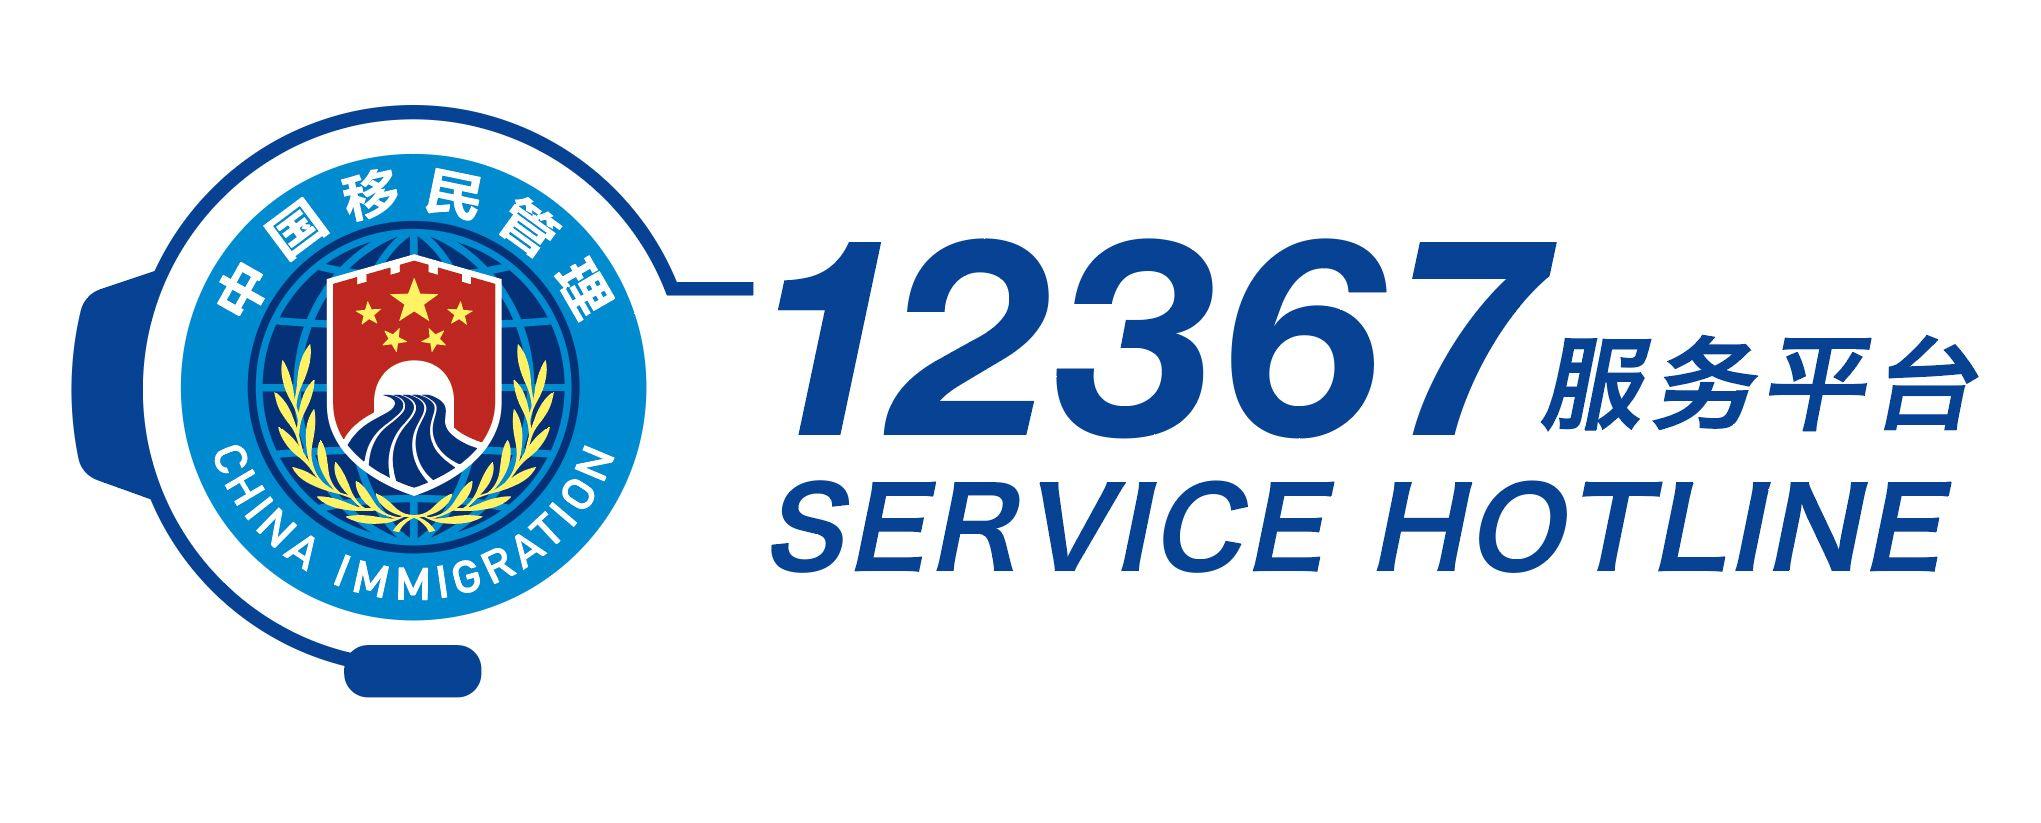 """12367服务平台标识由中国移民管理标志、耳麦造型以及""""12367服务平台""""中英文字样等元素构成。"""